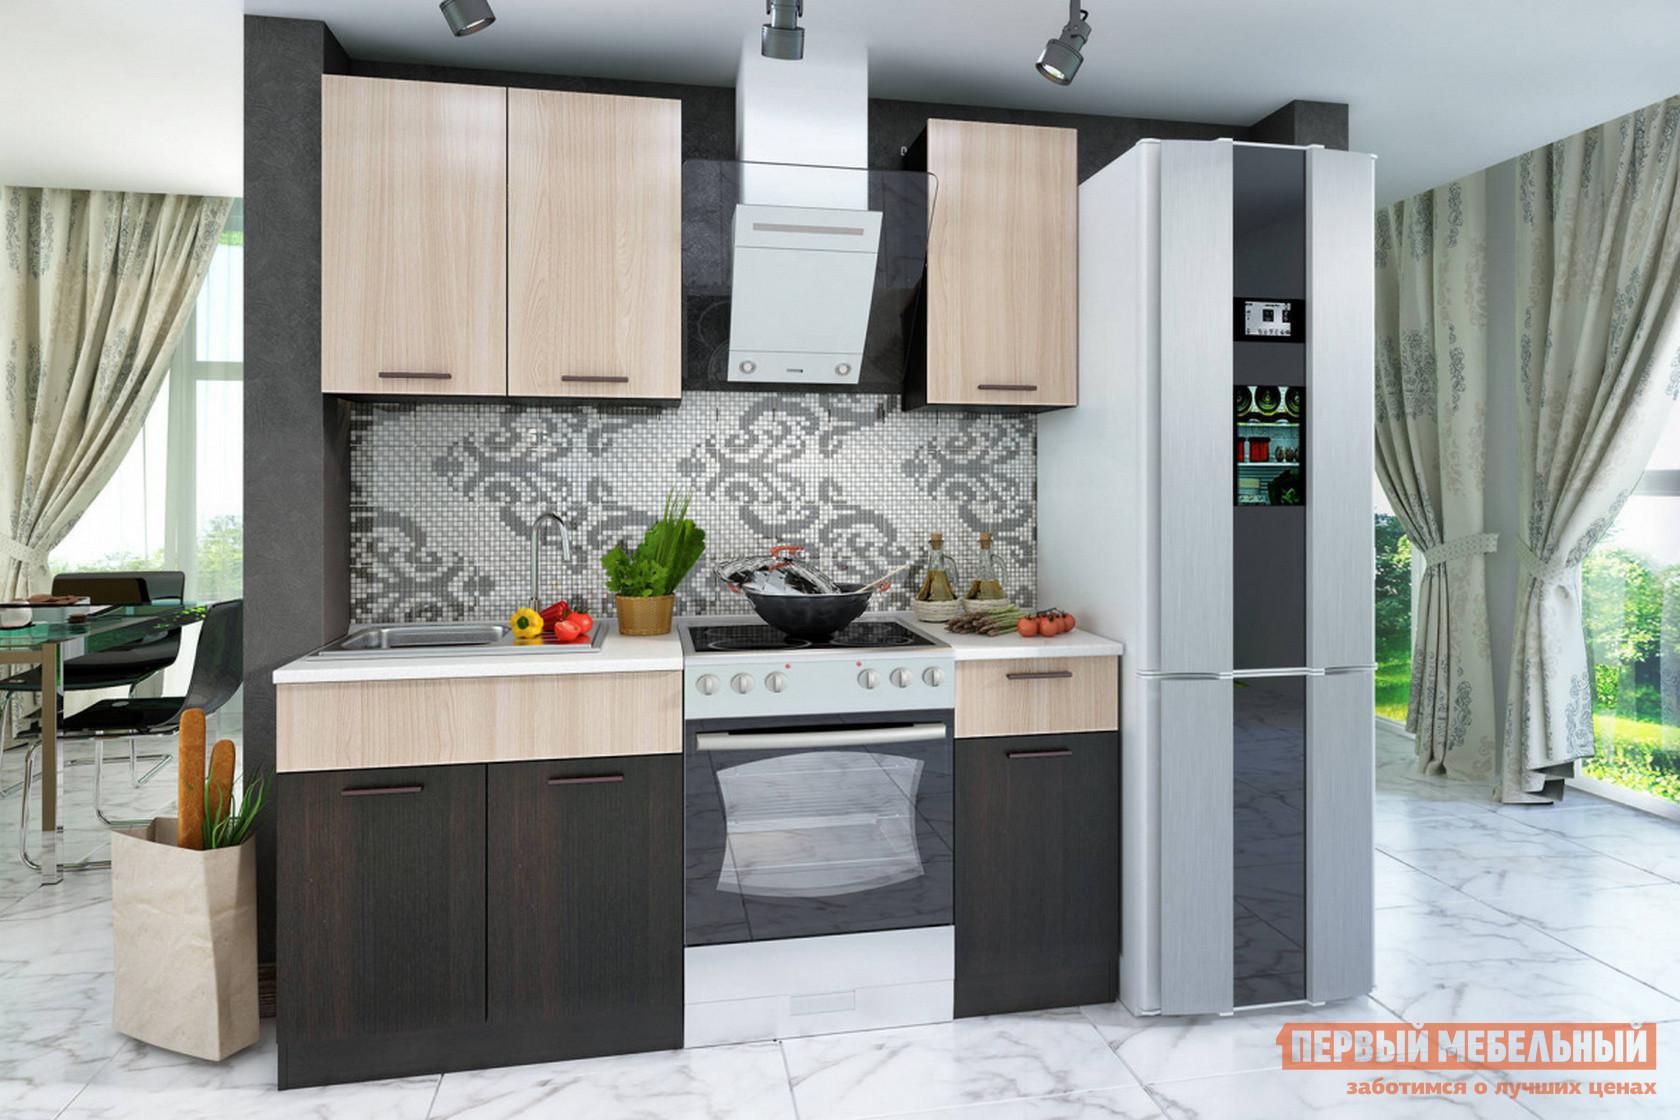 Кухонный гарнитур СтолЛайн Дуэт 1.2 м